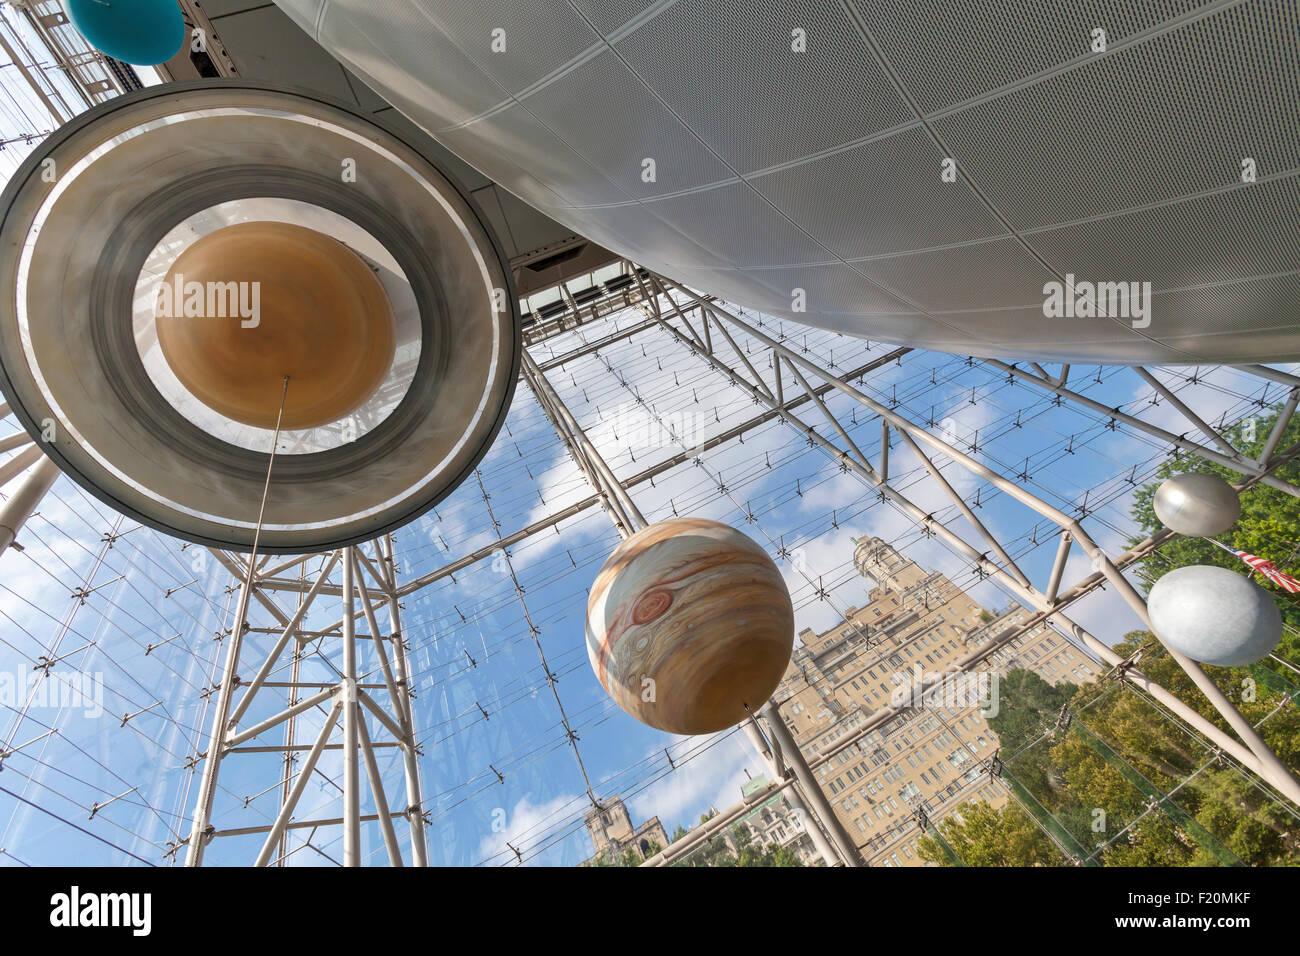 Le Planétarium Hayden dans le musée d'Histoire Naturelle, Manhattan, New York. Photo Stock